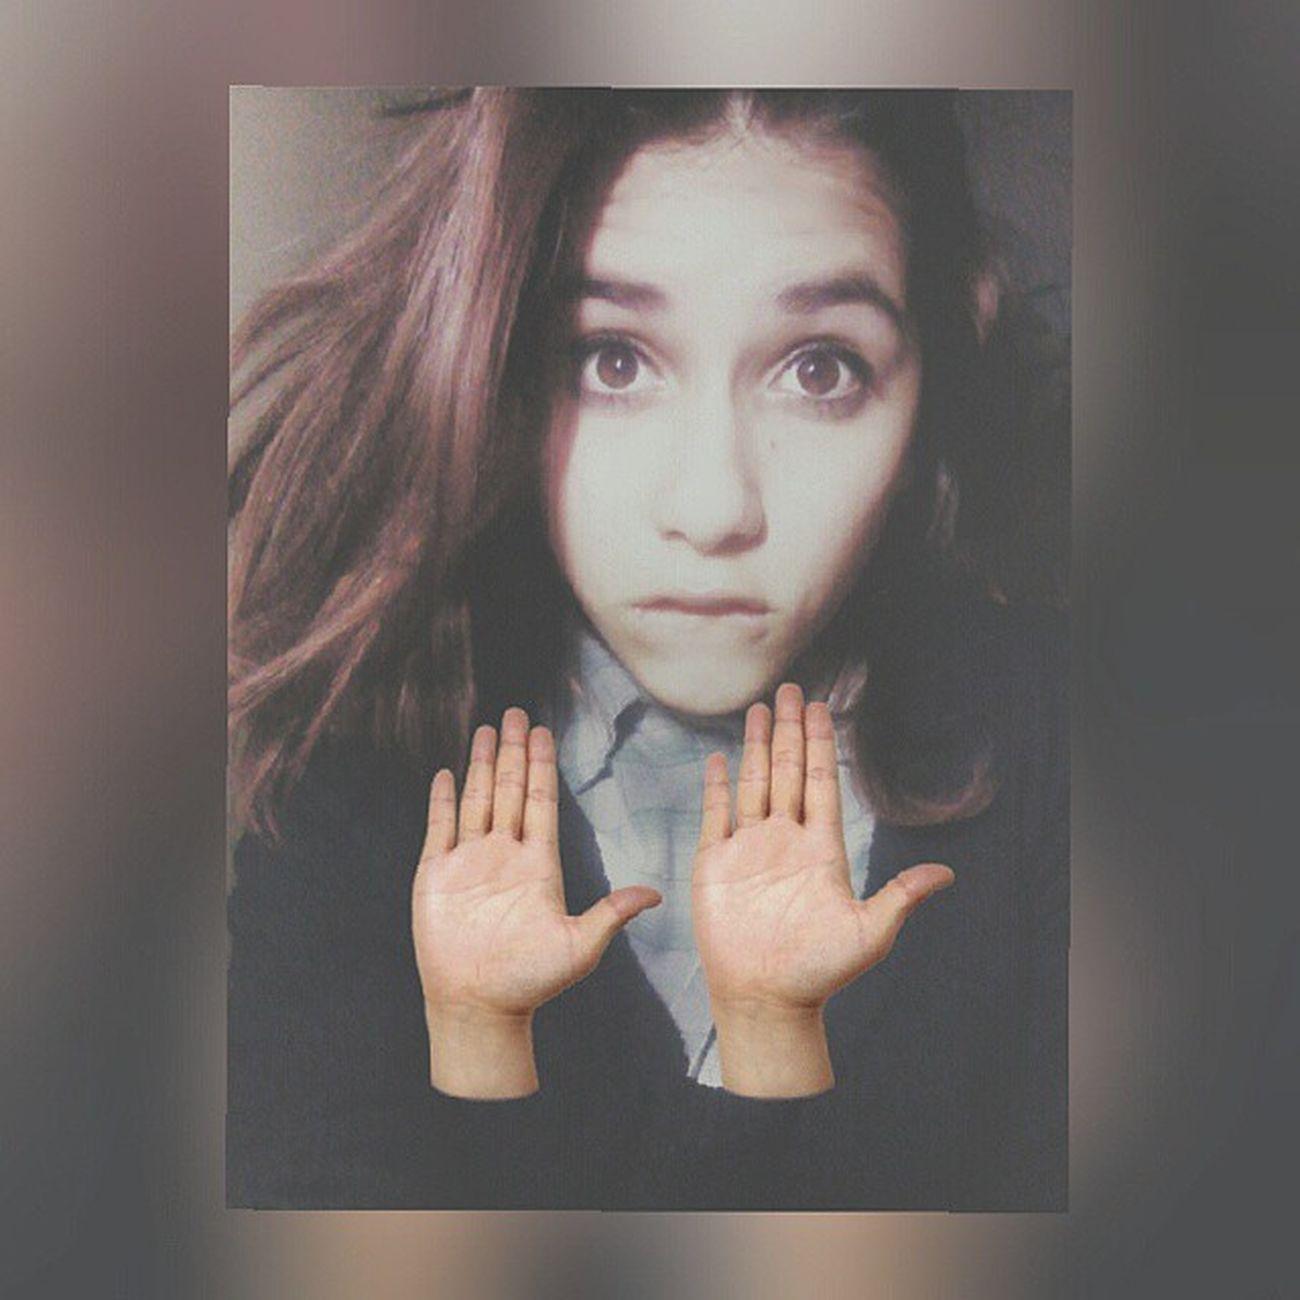 Squarepic Me Yo Calu hola manos instamoment instachota instafeamanodesnuda manos sexya instaselfie selfie